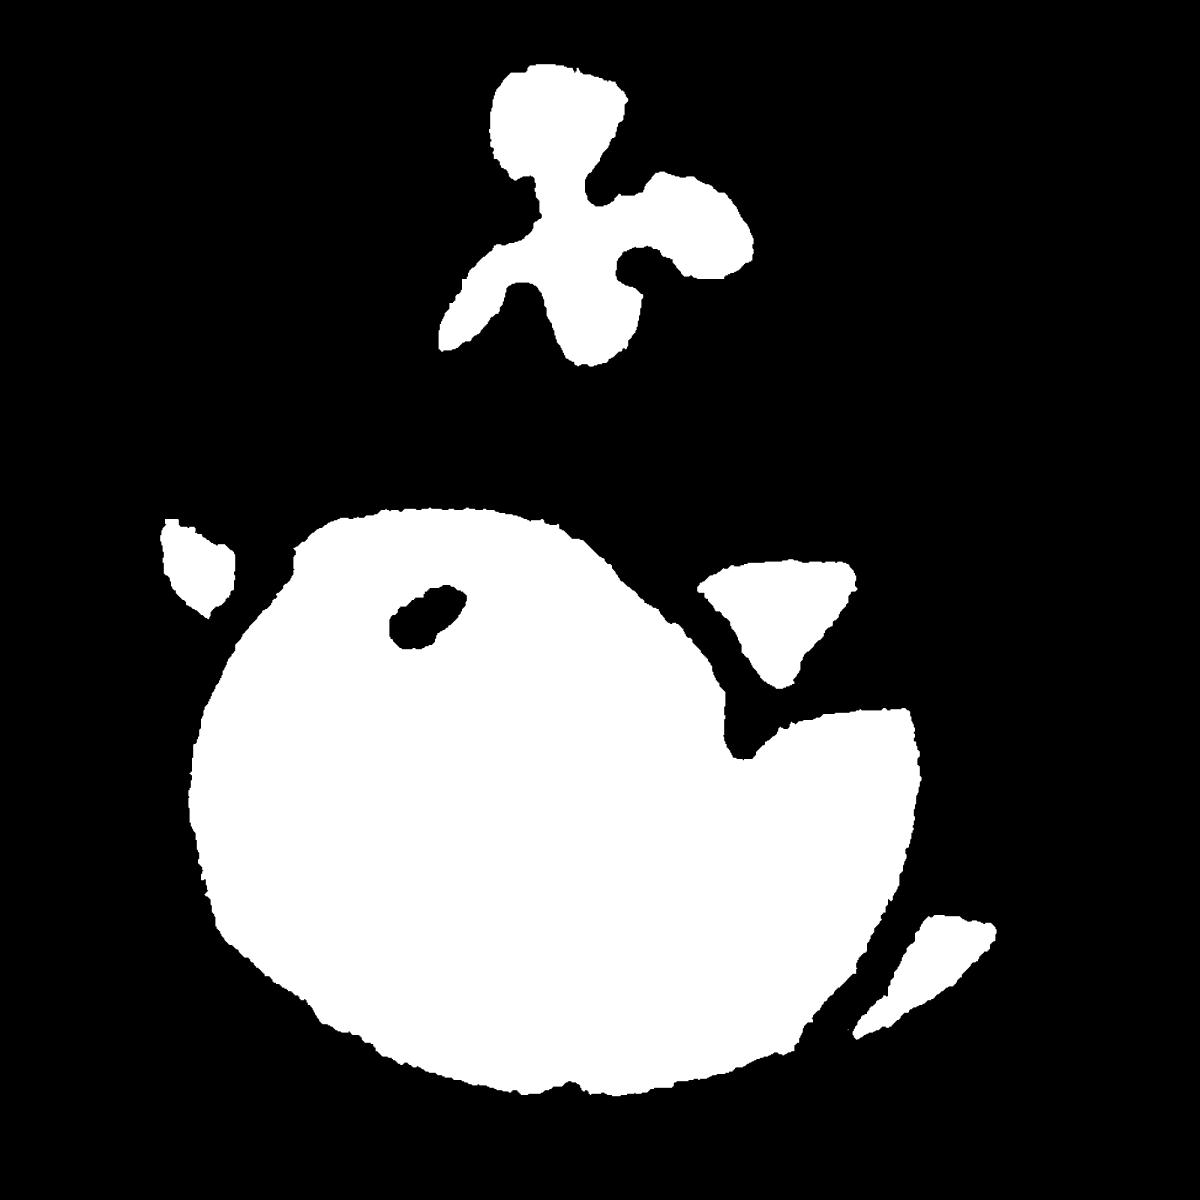 クローバーと鳥(左向き)のイラスト Clovers and birds (left)  Illustration